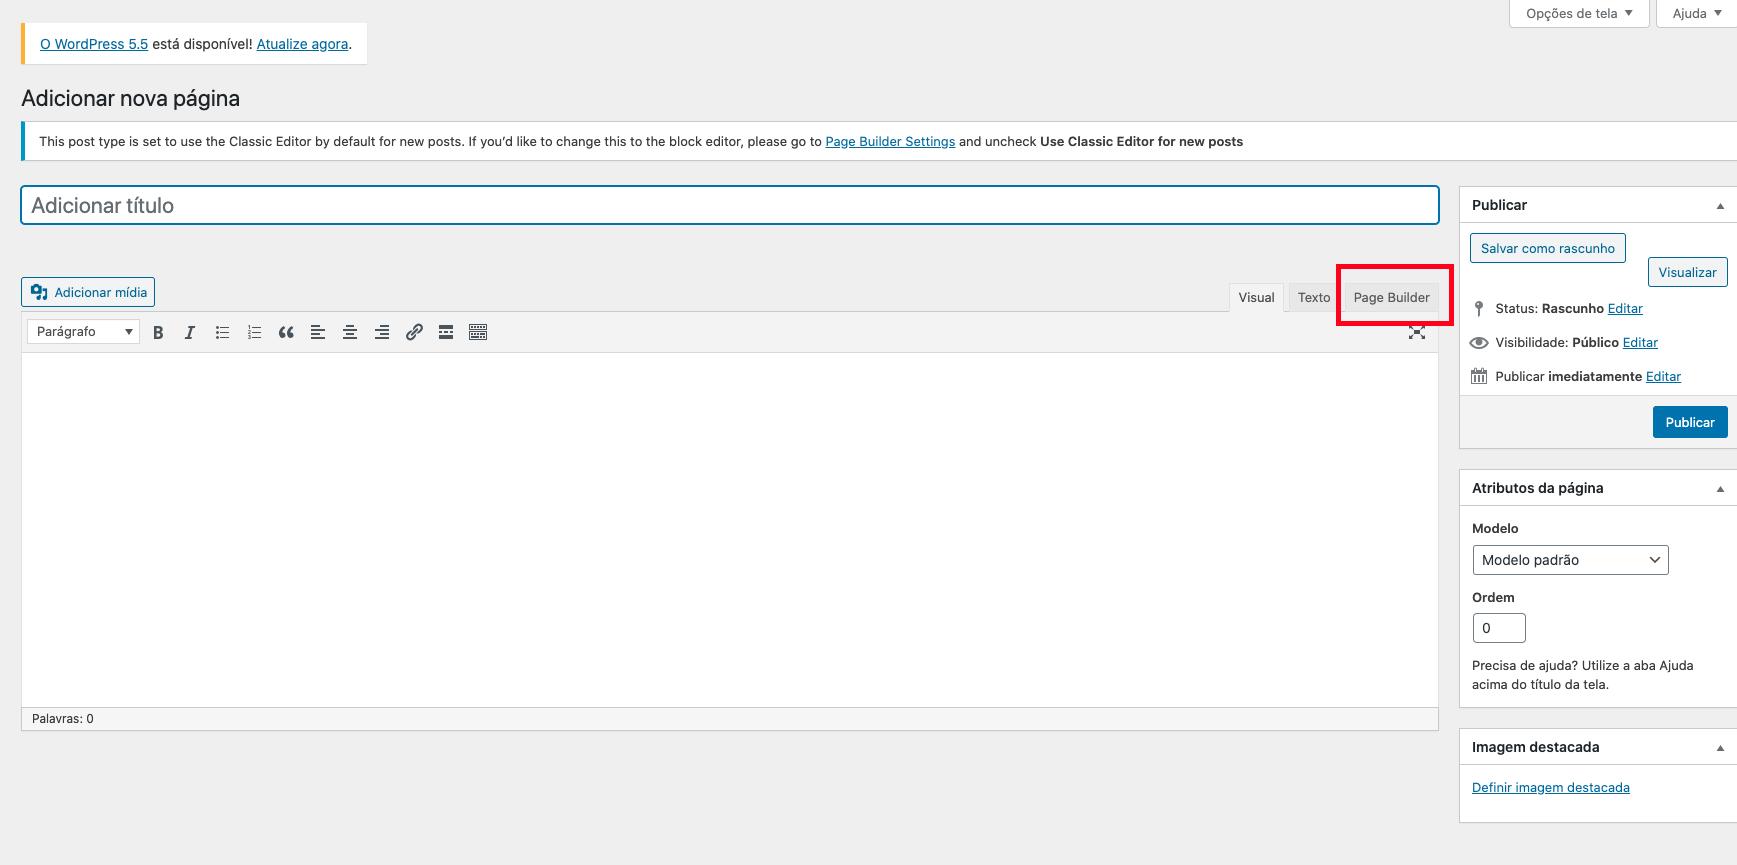 Opção Page Builder no Editor do WordPress